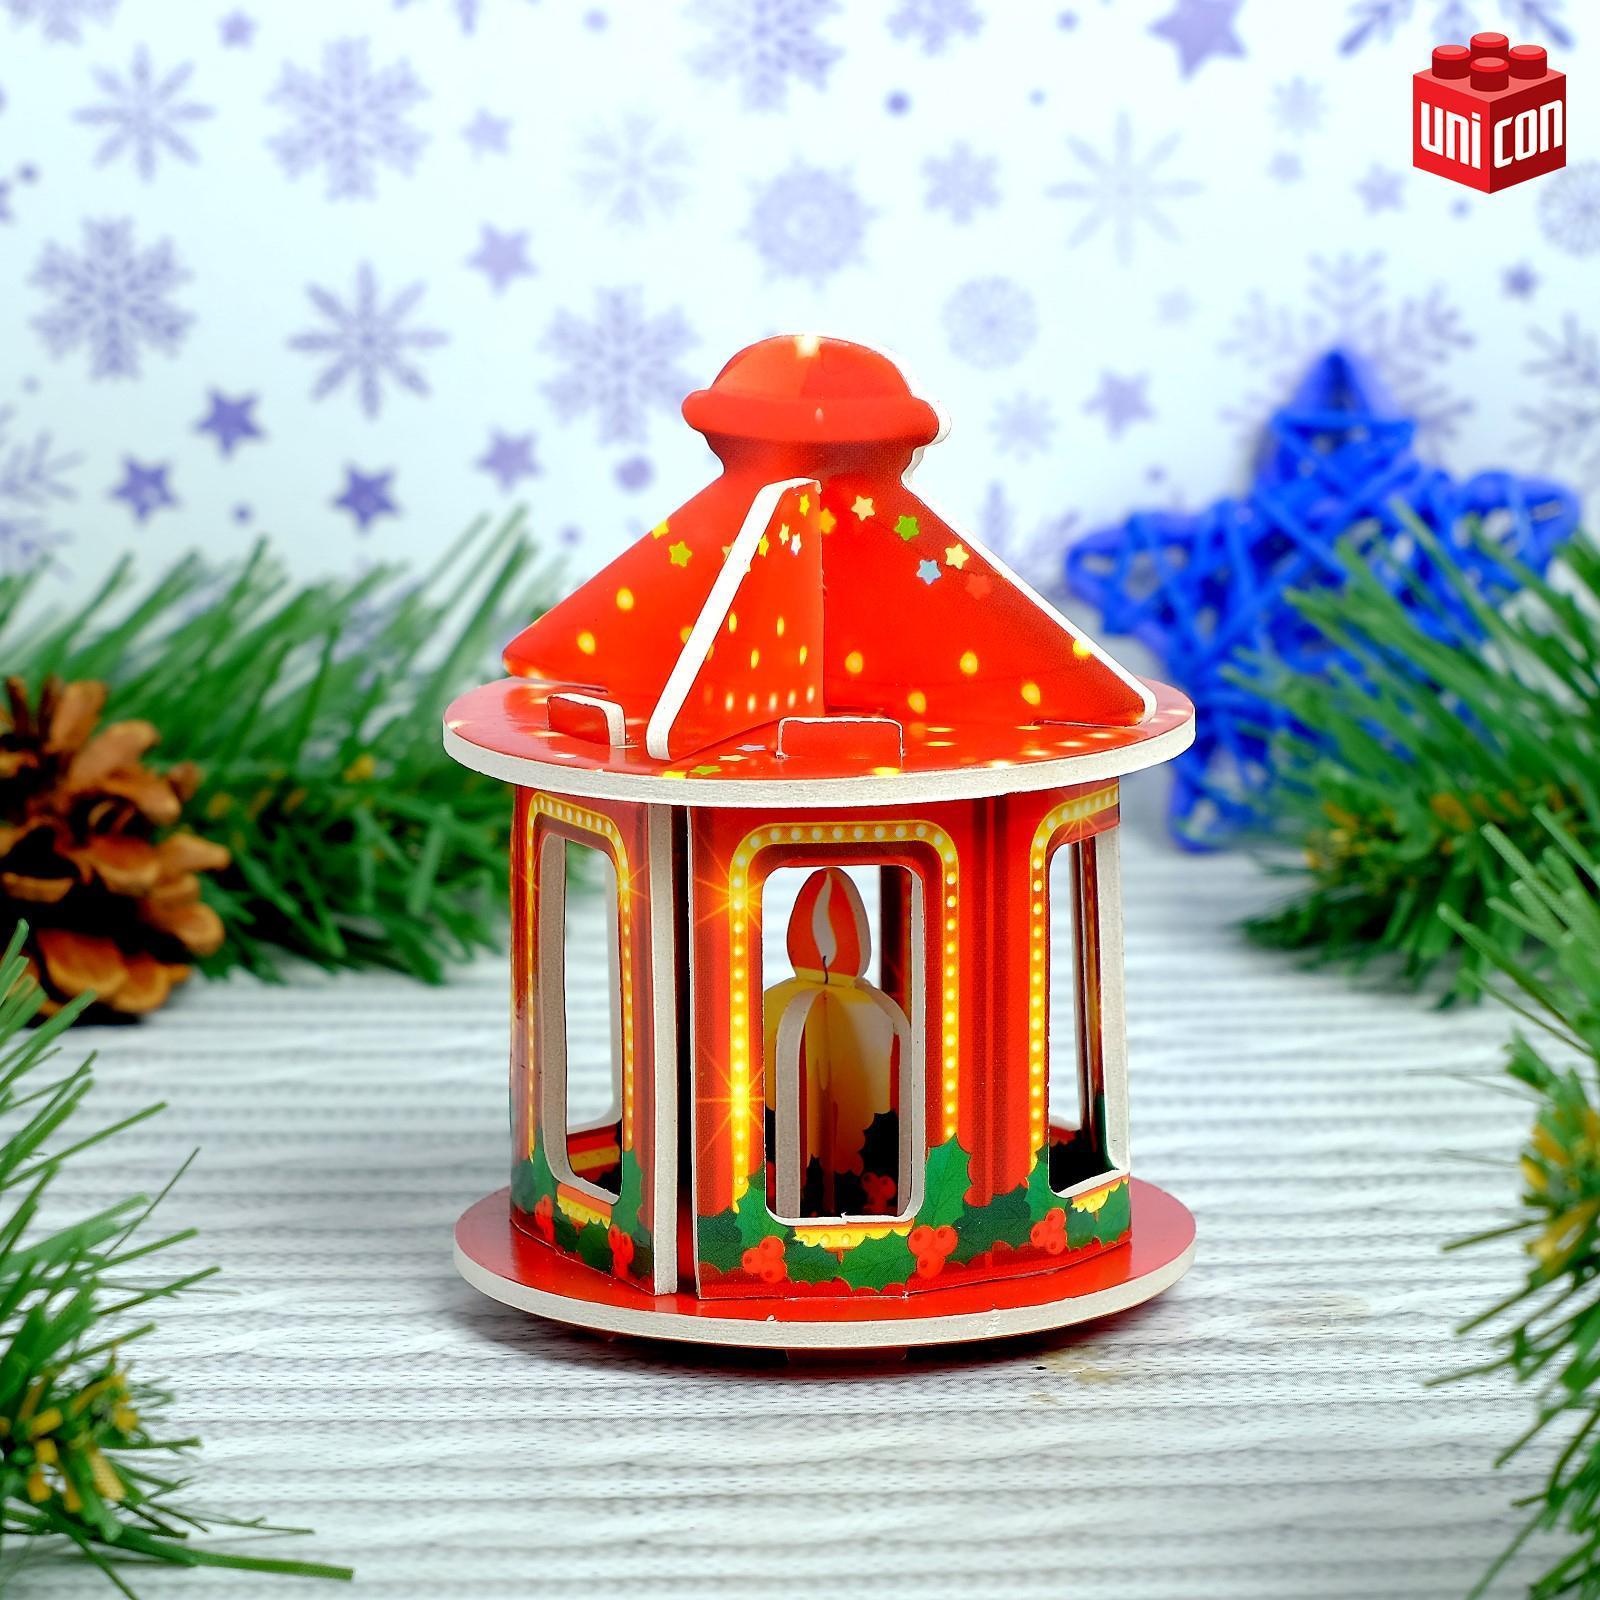 3D Конструктор фигурки «Новогодний фонарик» (3564571) - Купить по ... 1589212ecff